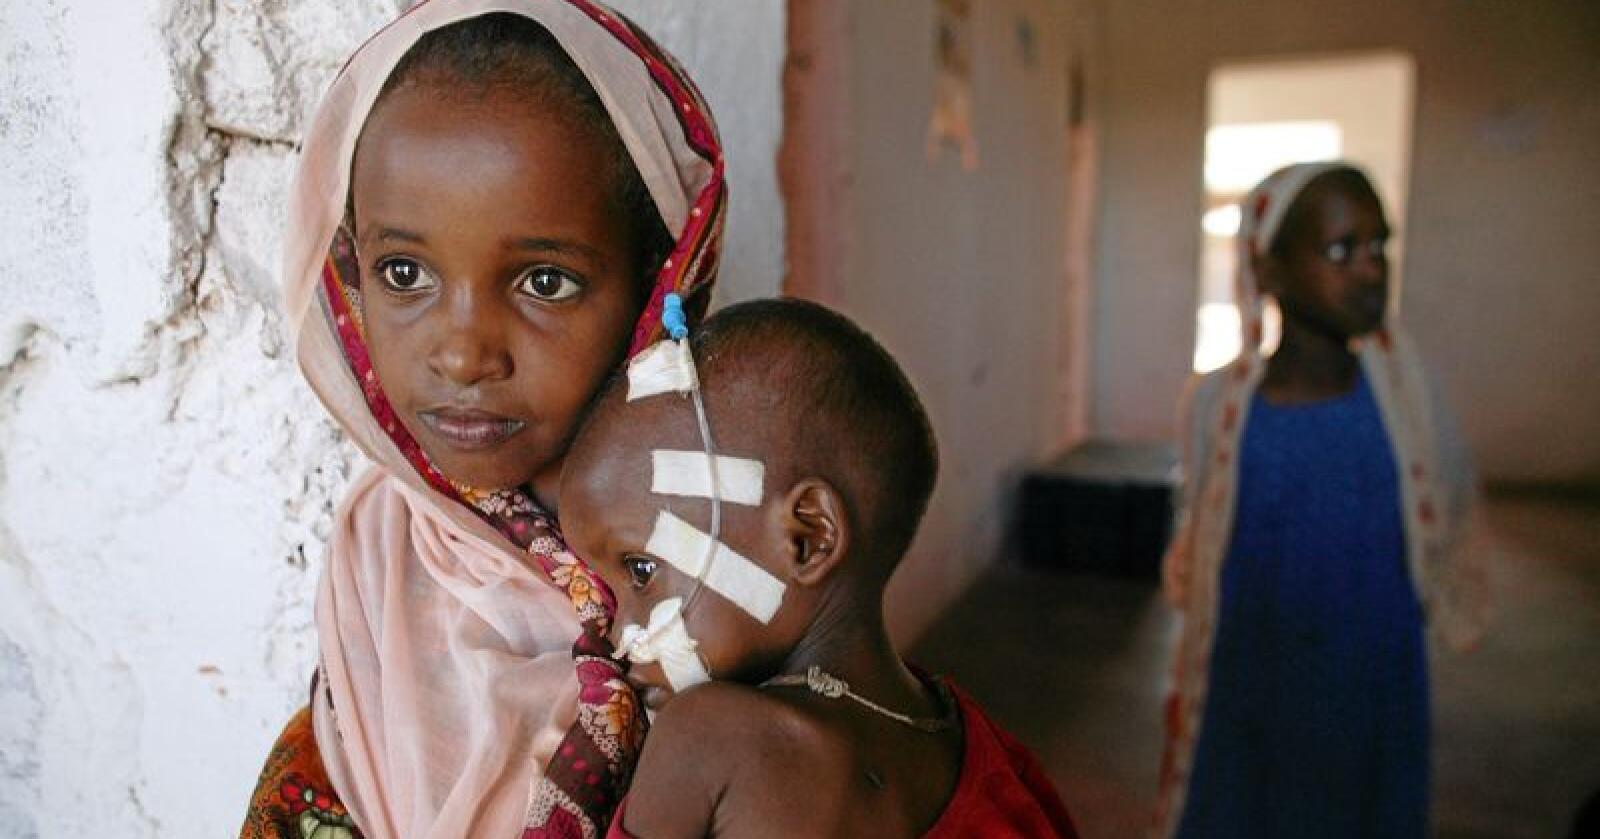 Somalia er igjen rammet av sult. Dette bildet er fra 2006, da landet også var rammet av matmangel. Foto: Michael Kamber, UNICEF / NTB scanpix